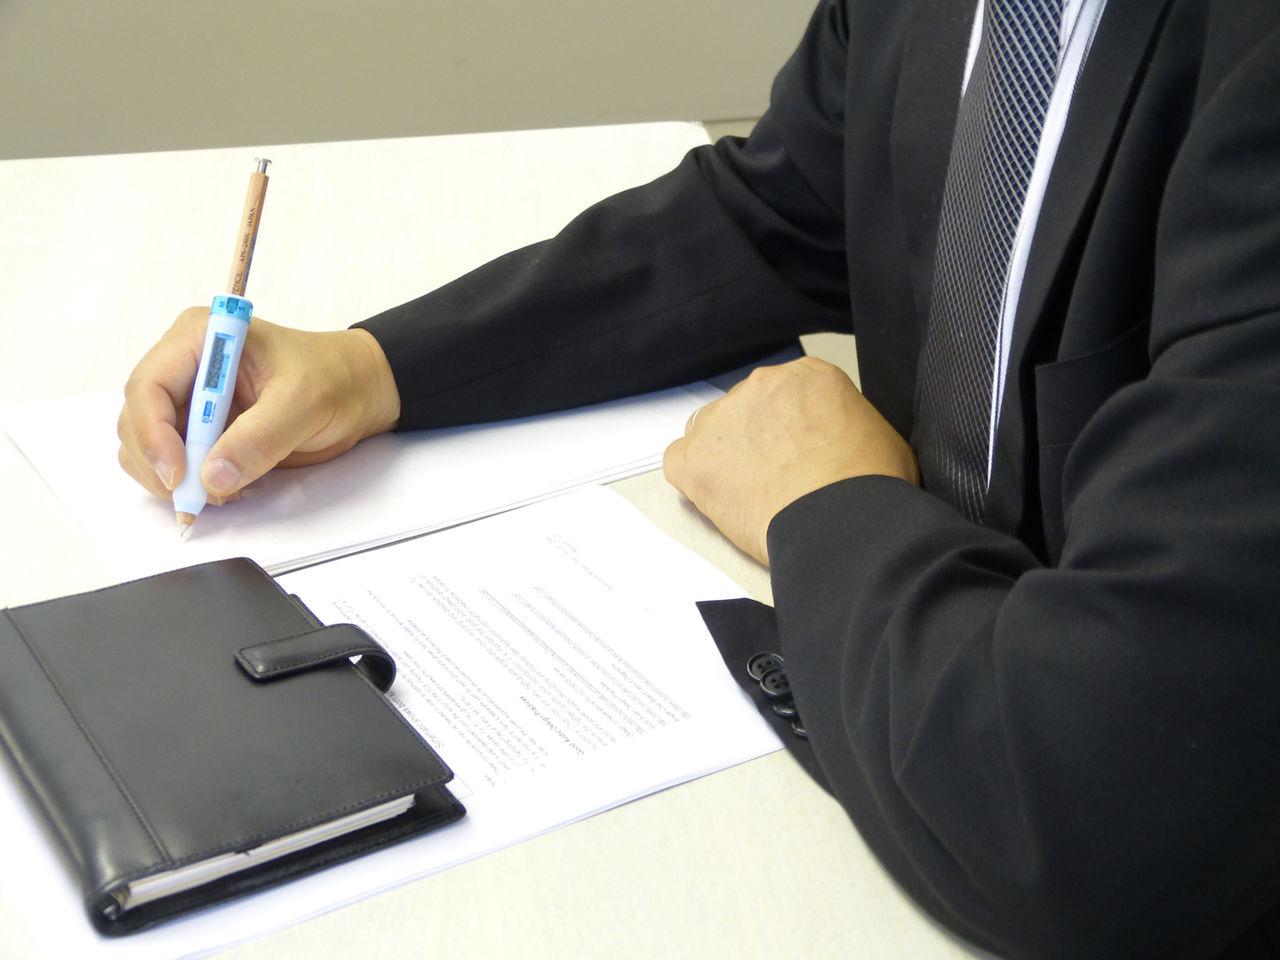 「仕事の為の勉強を家でもしろ」は傲慢な辞めるべき会社の特徴だ!